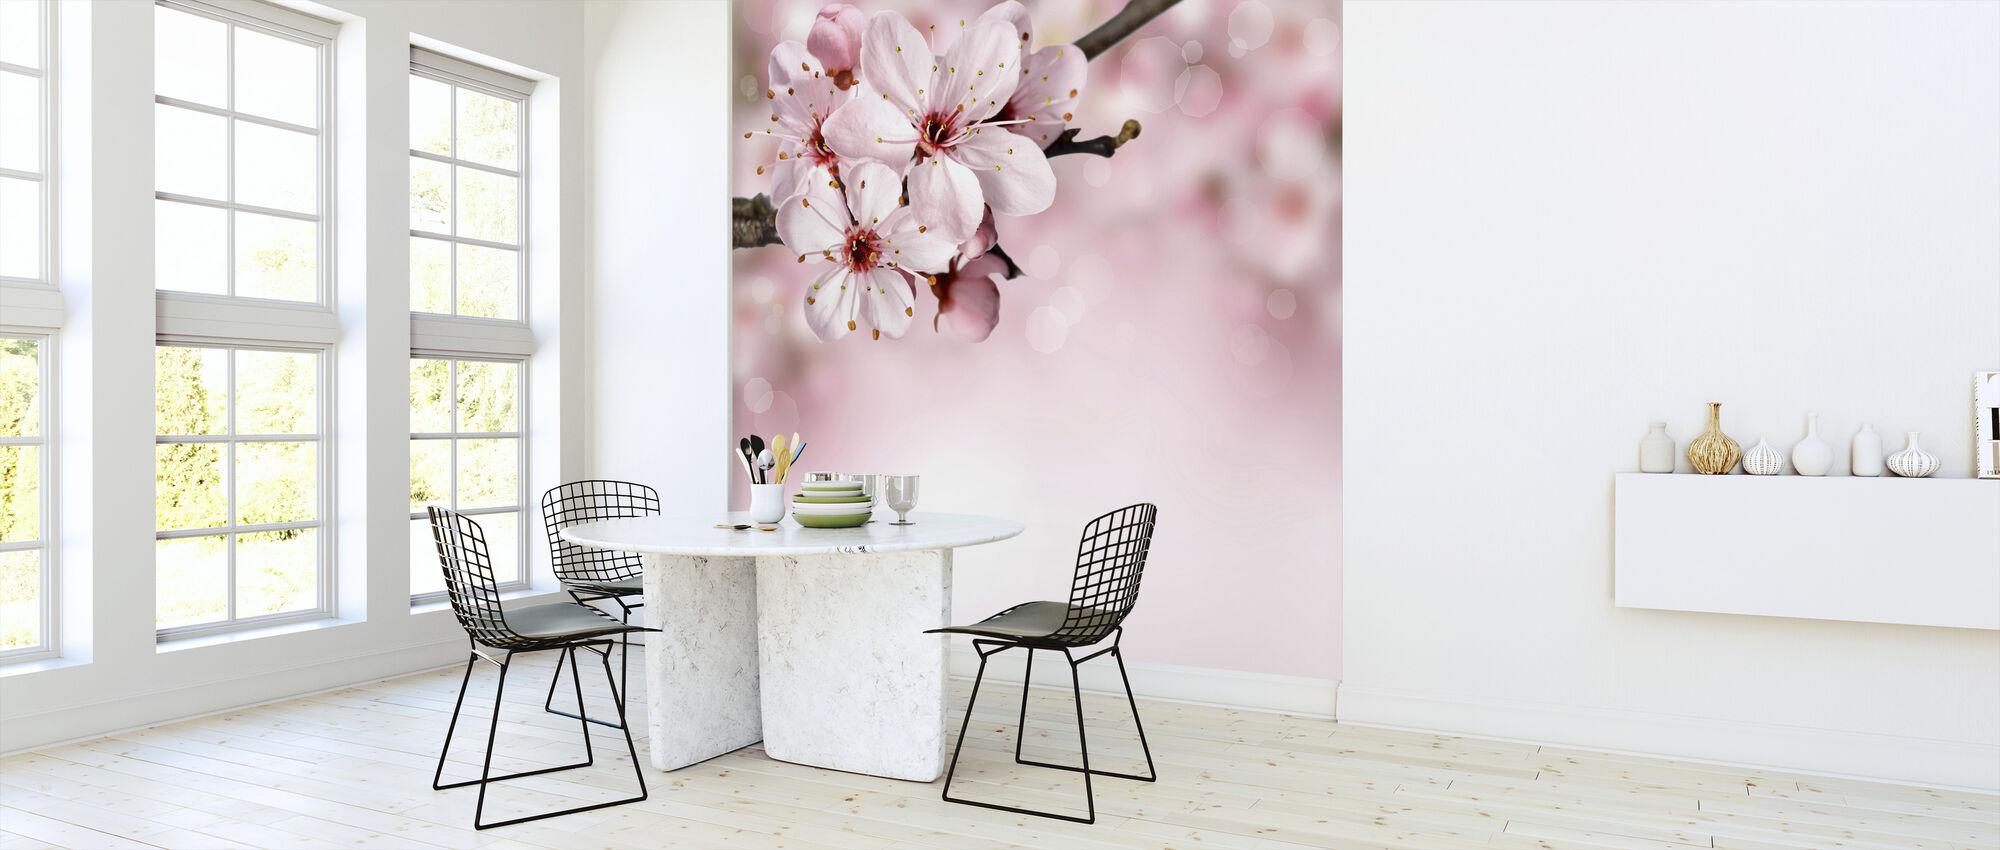 Spring Border Cherry Blossom - Wallpaper - Kitchen